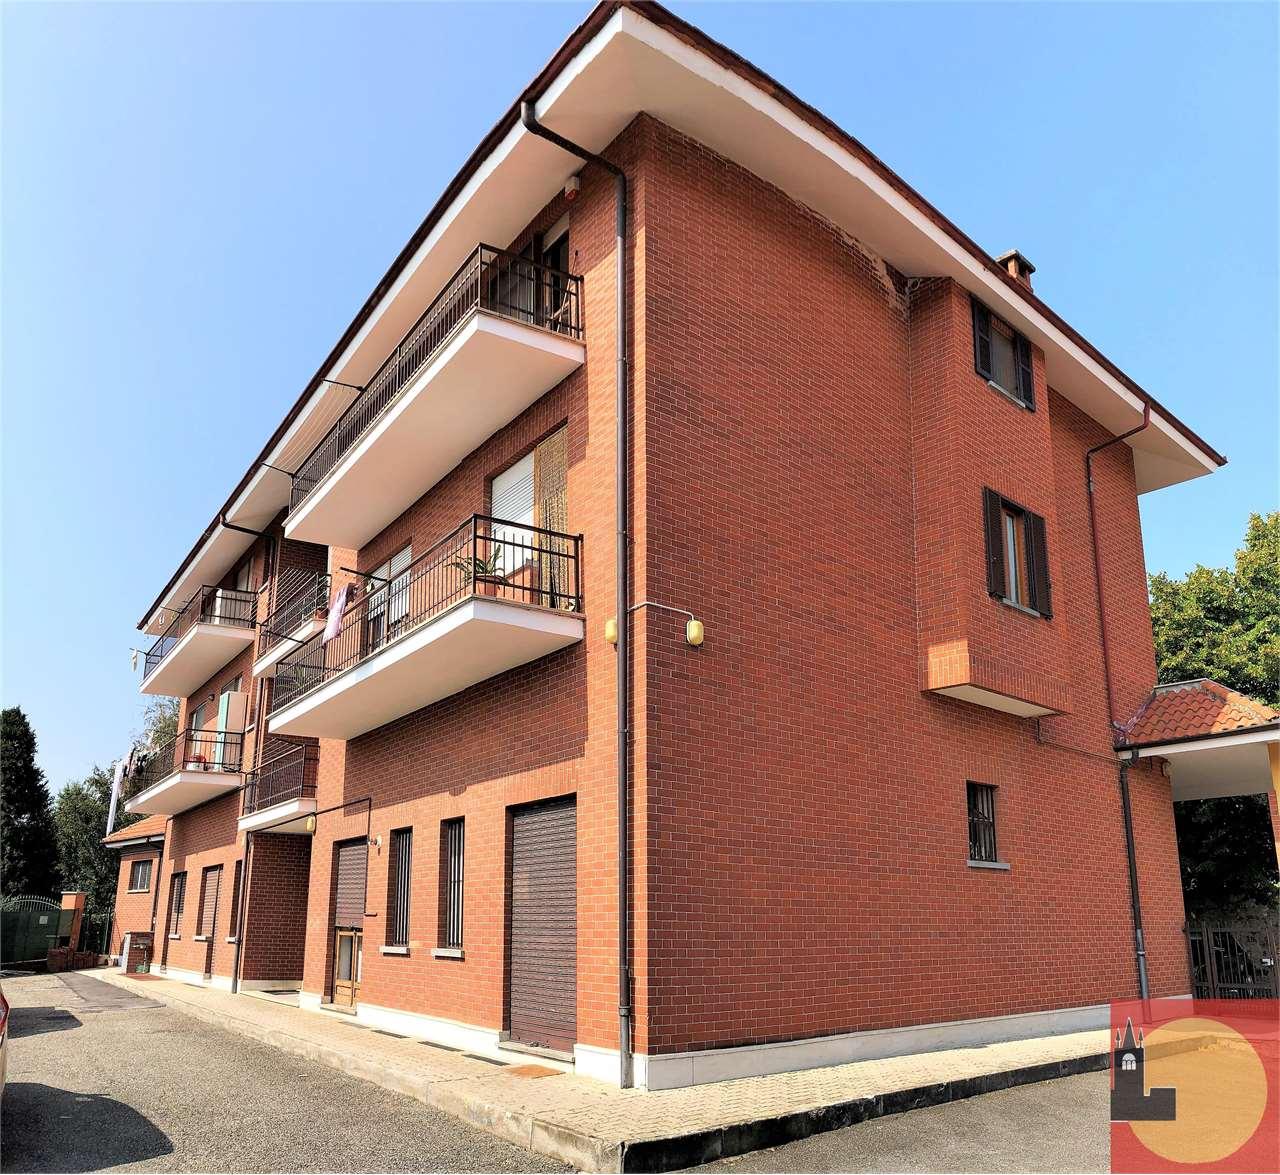 Appartamento in vendita a Villarbasse, 4 locali, prezzo € 180.000 | PortaleAgenzieImmobiliari.it